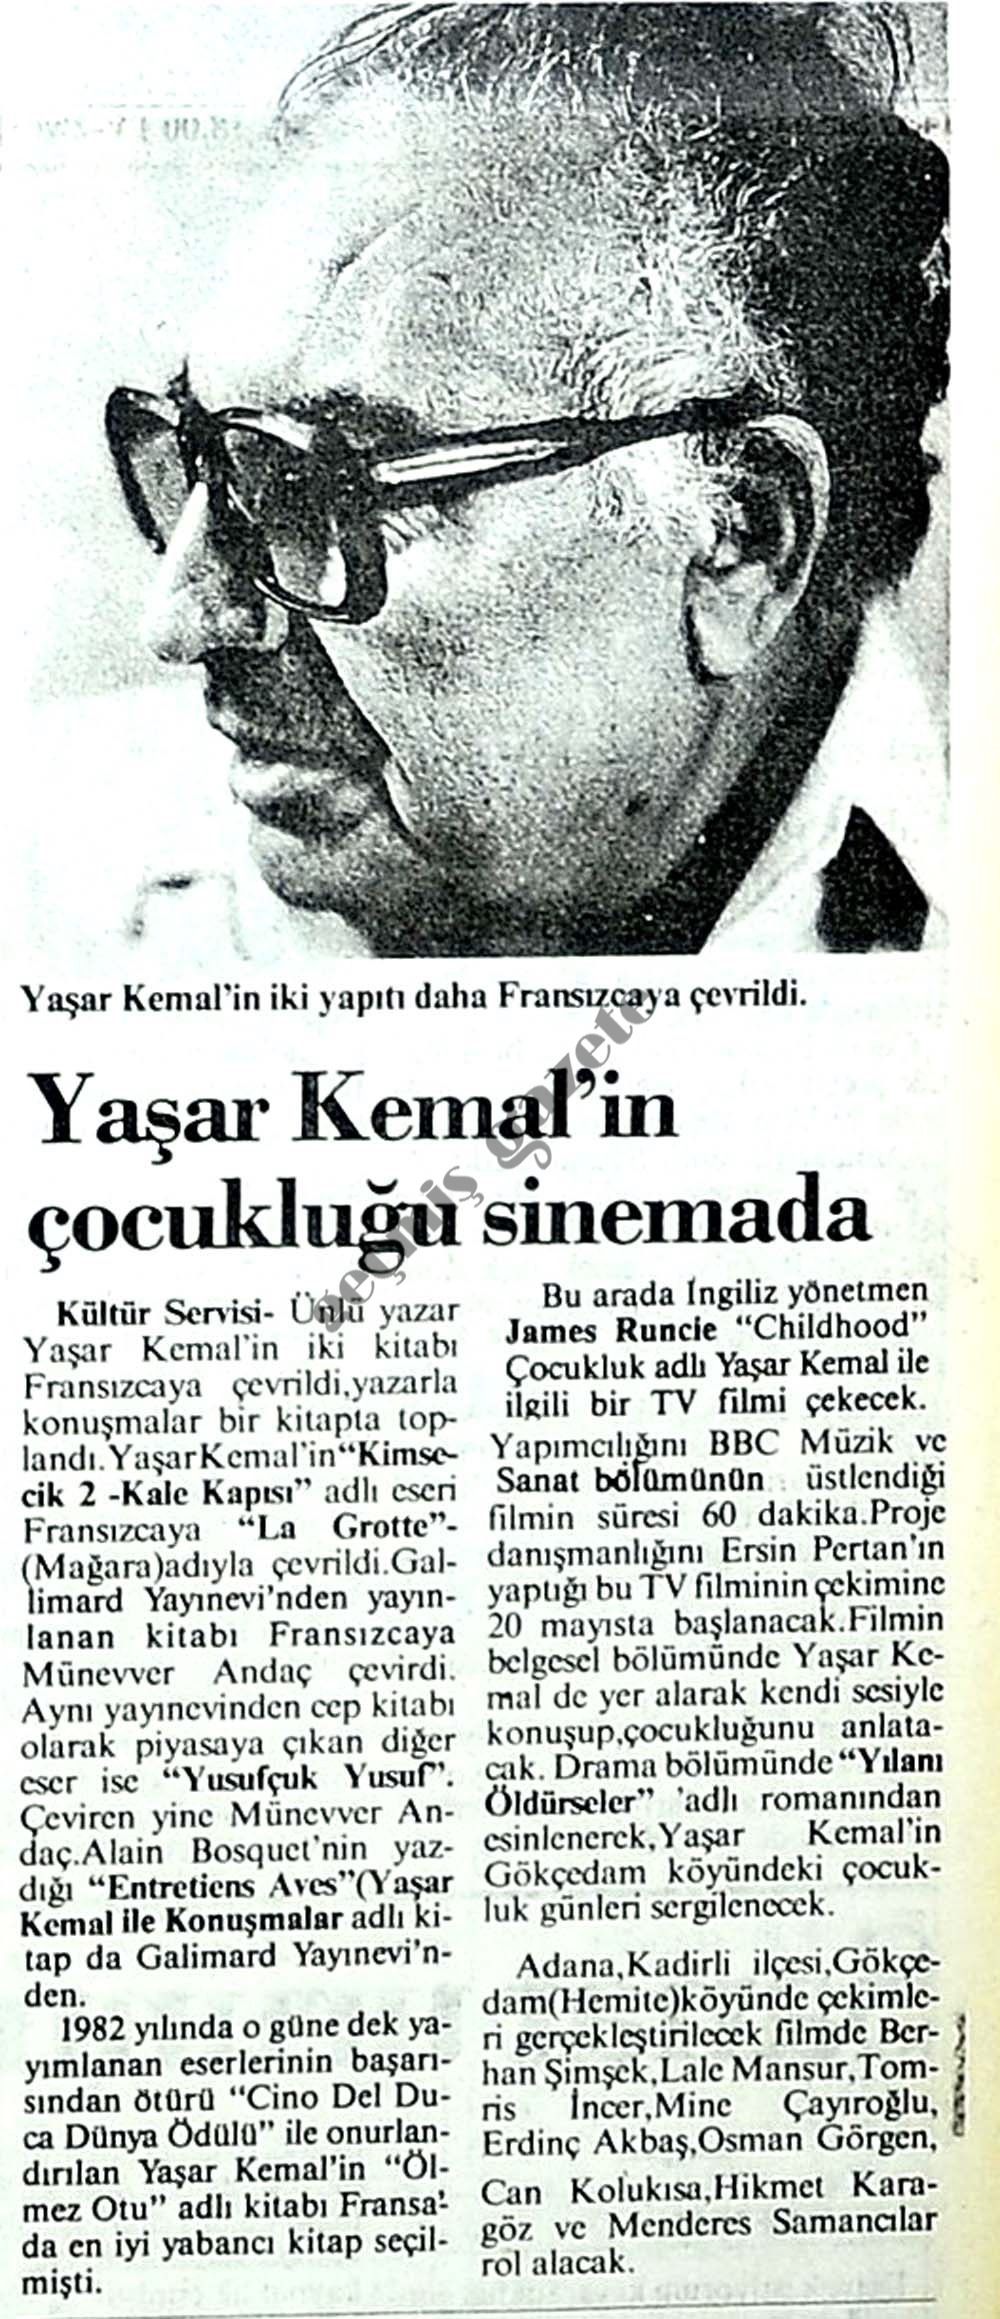 Yaşar Kemal'in çocukluğu sinemada